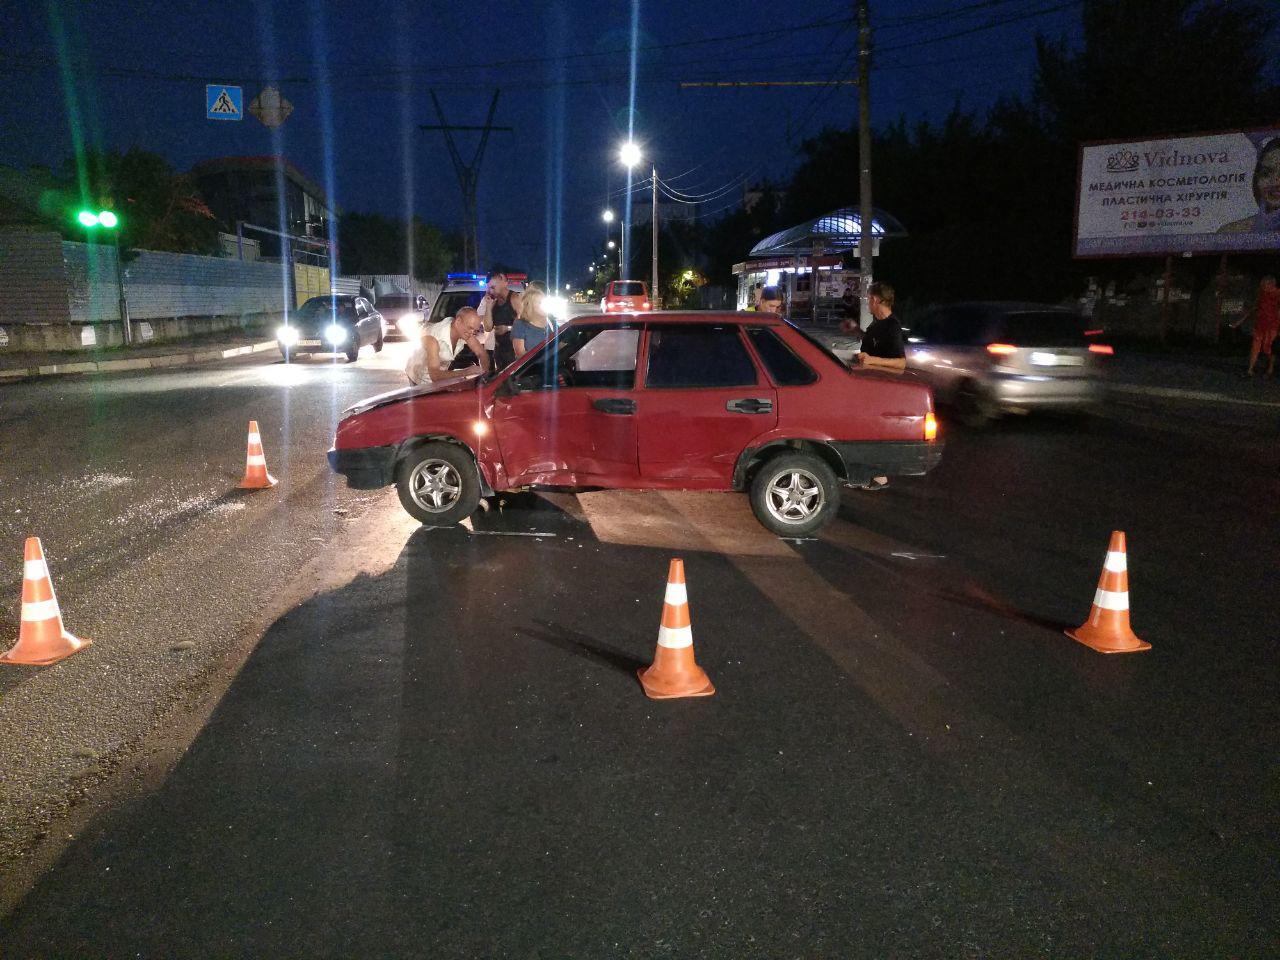 В Шевченковском районе Запорожья пьяный водитель спровоцировал ДТП - ФОТО